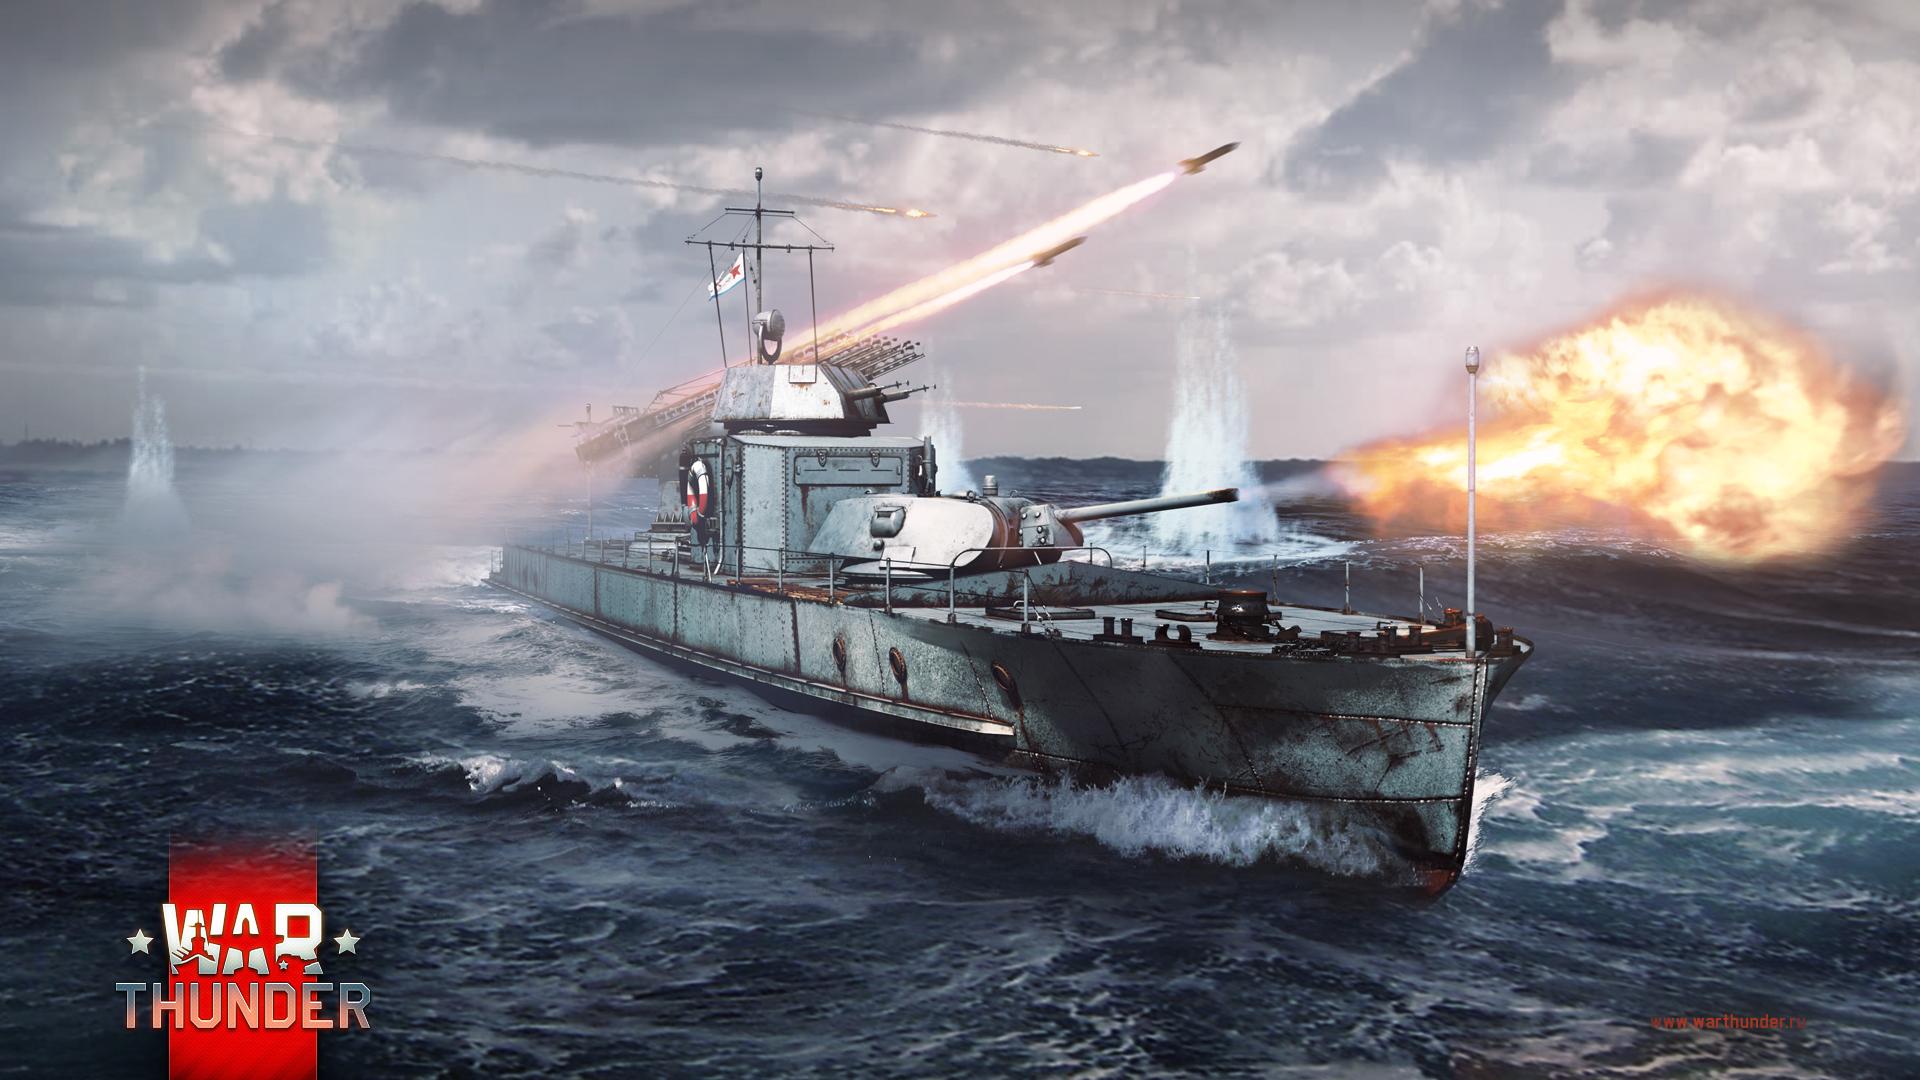 когда выйдут корабли в игре вар тандер